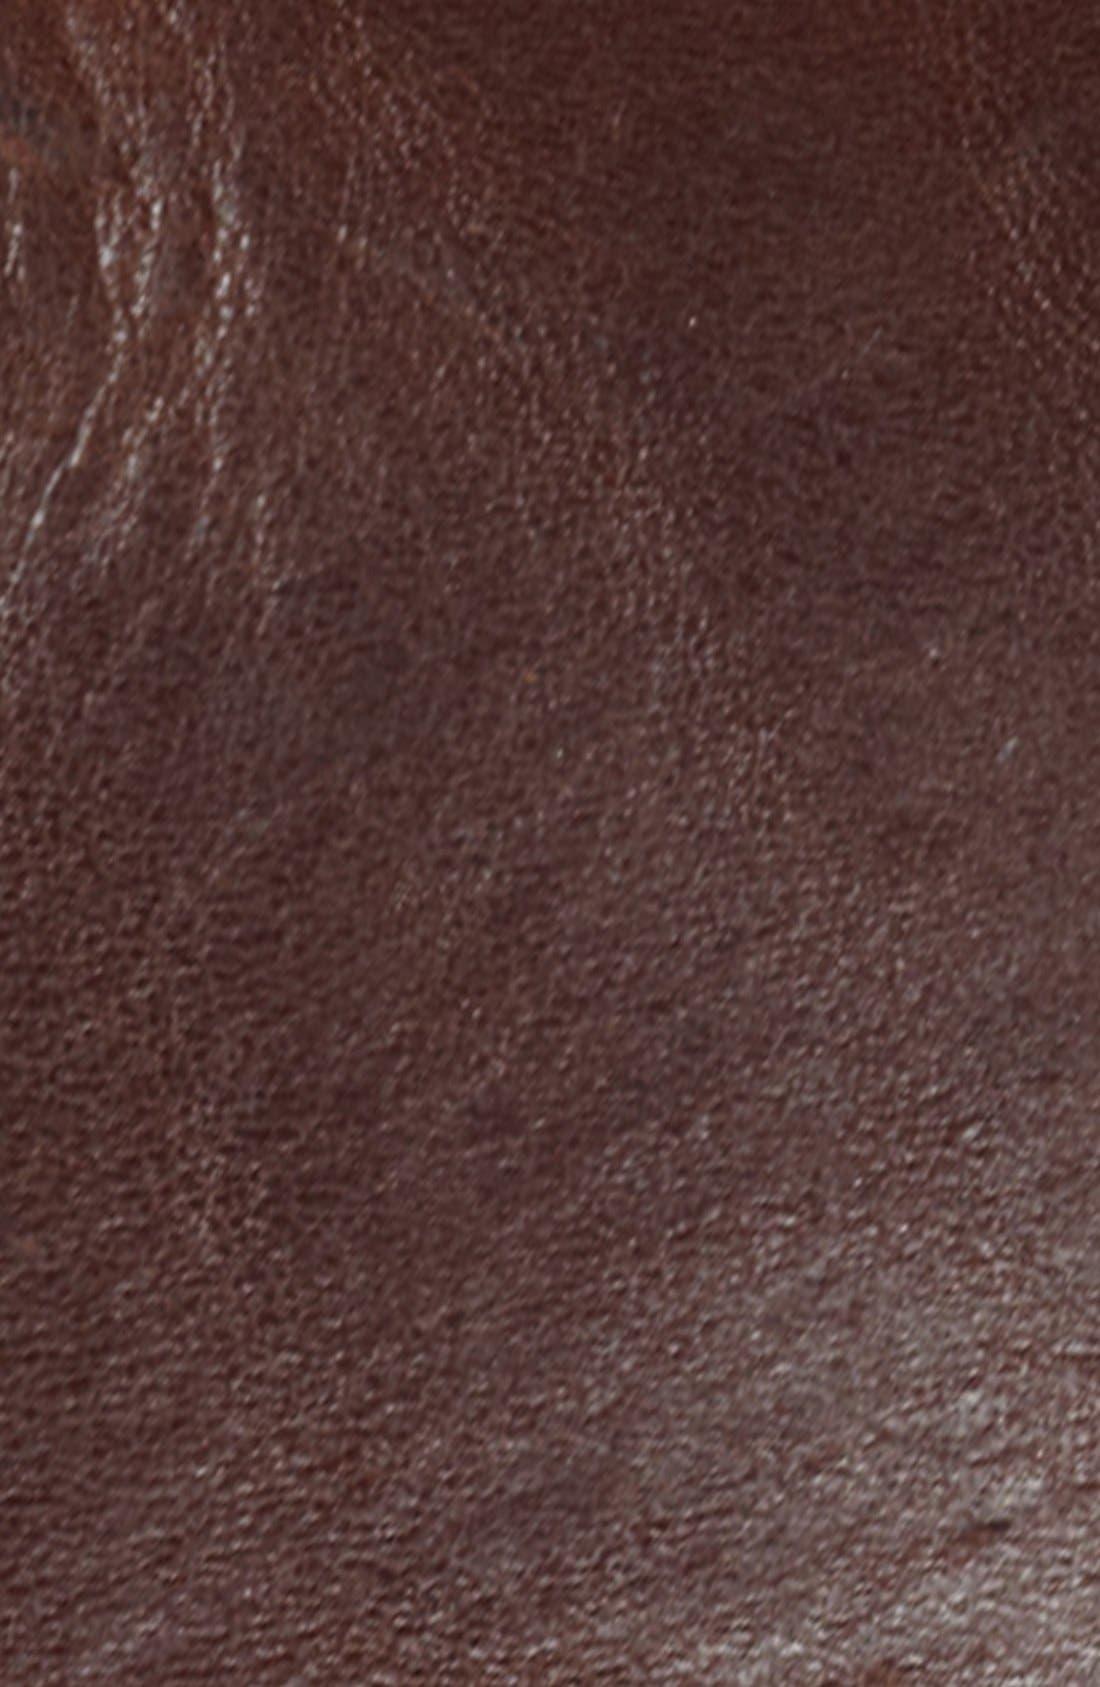 Alternate Image 2  - Bill Adler 1981 Vintage Leather Belt